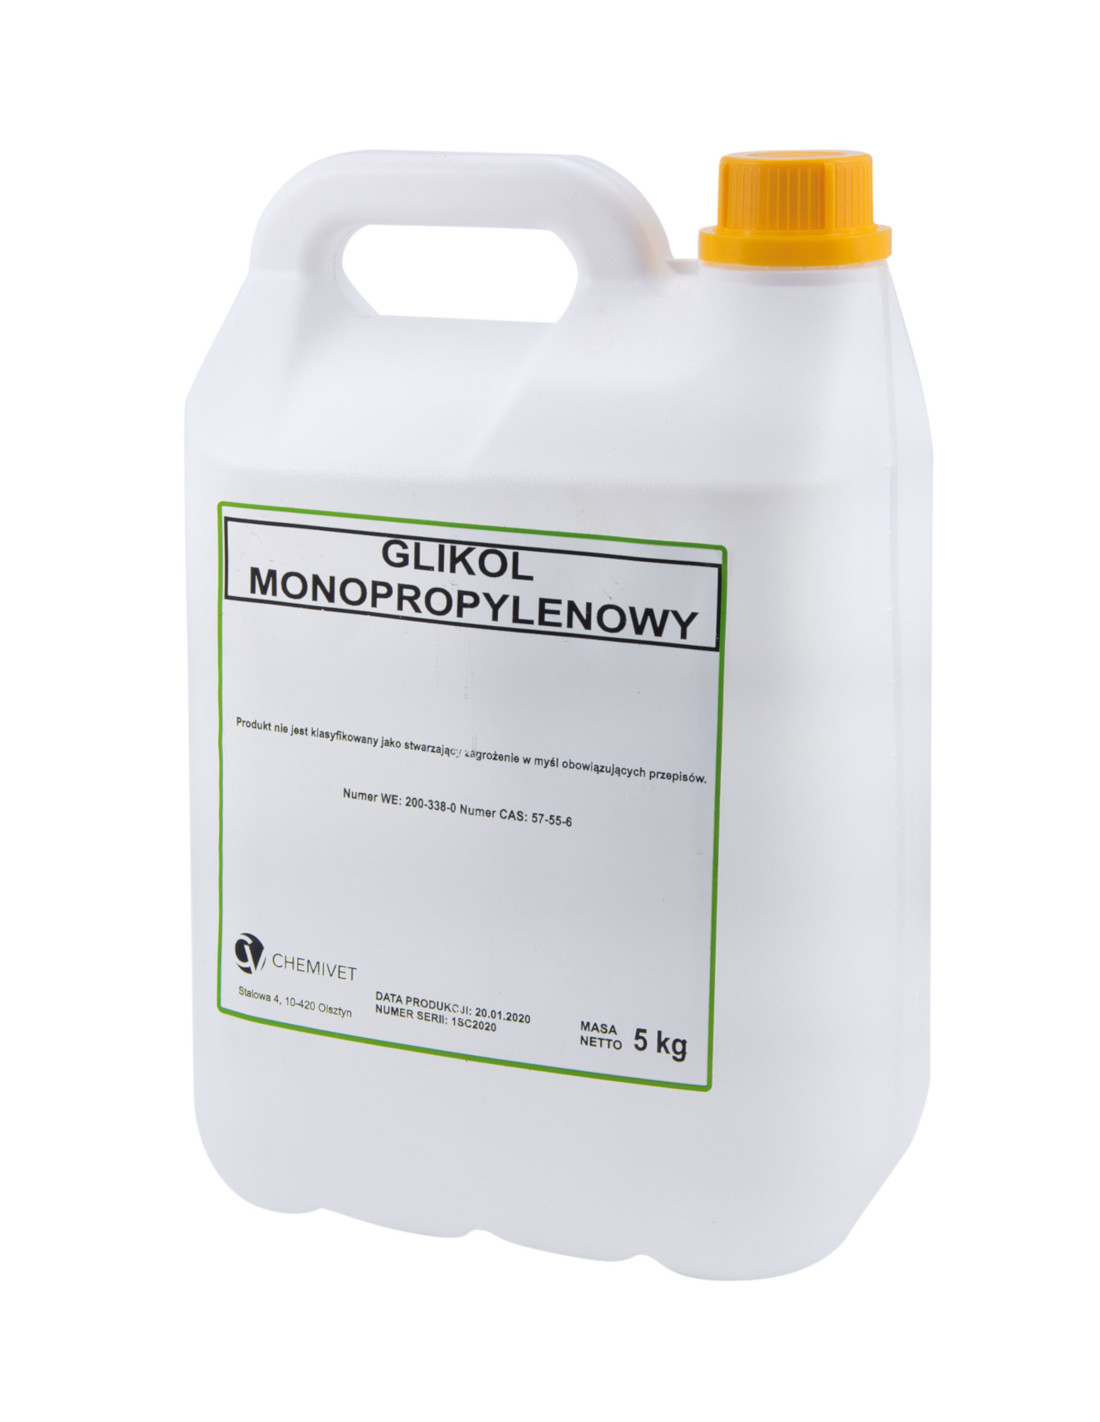 GLIKOL MONOPROPYLENOWY 5 KG